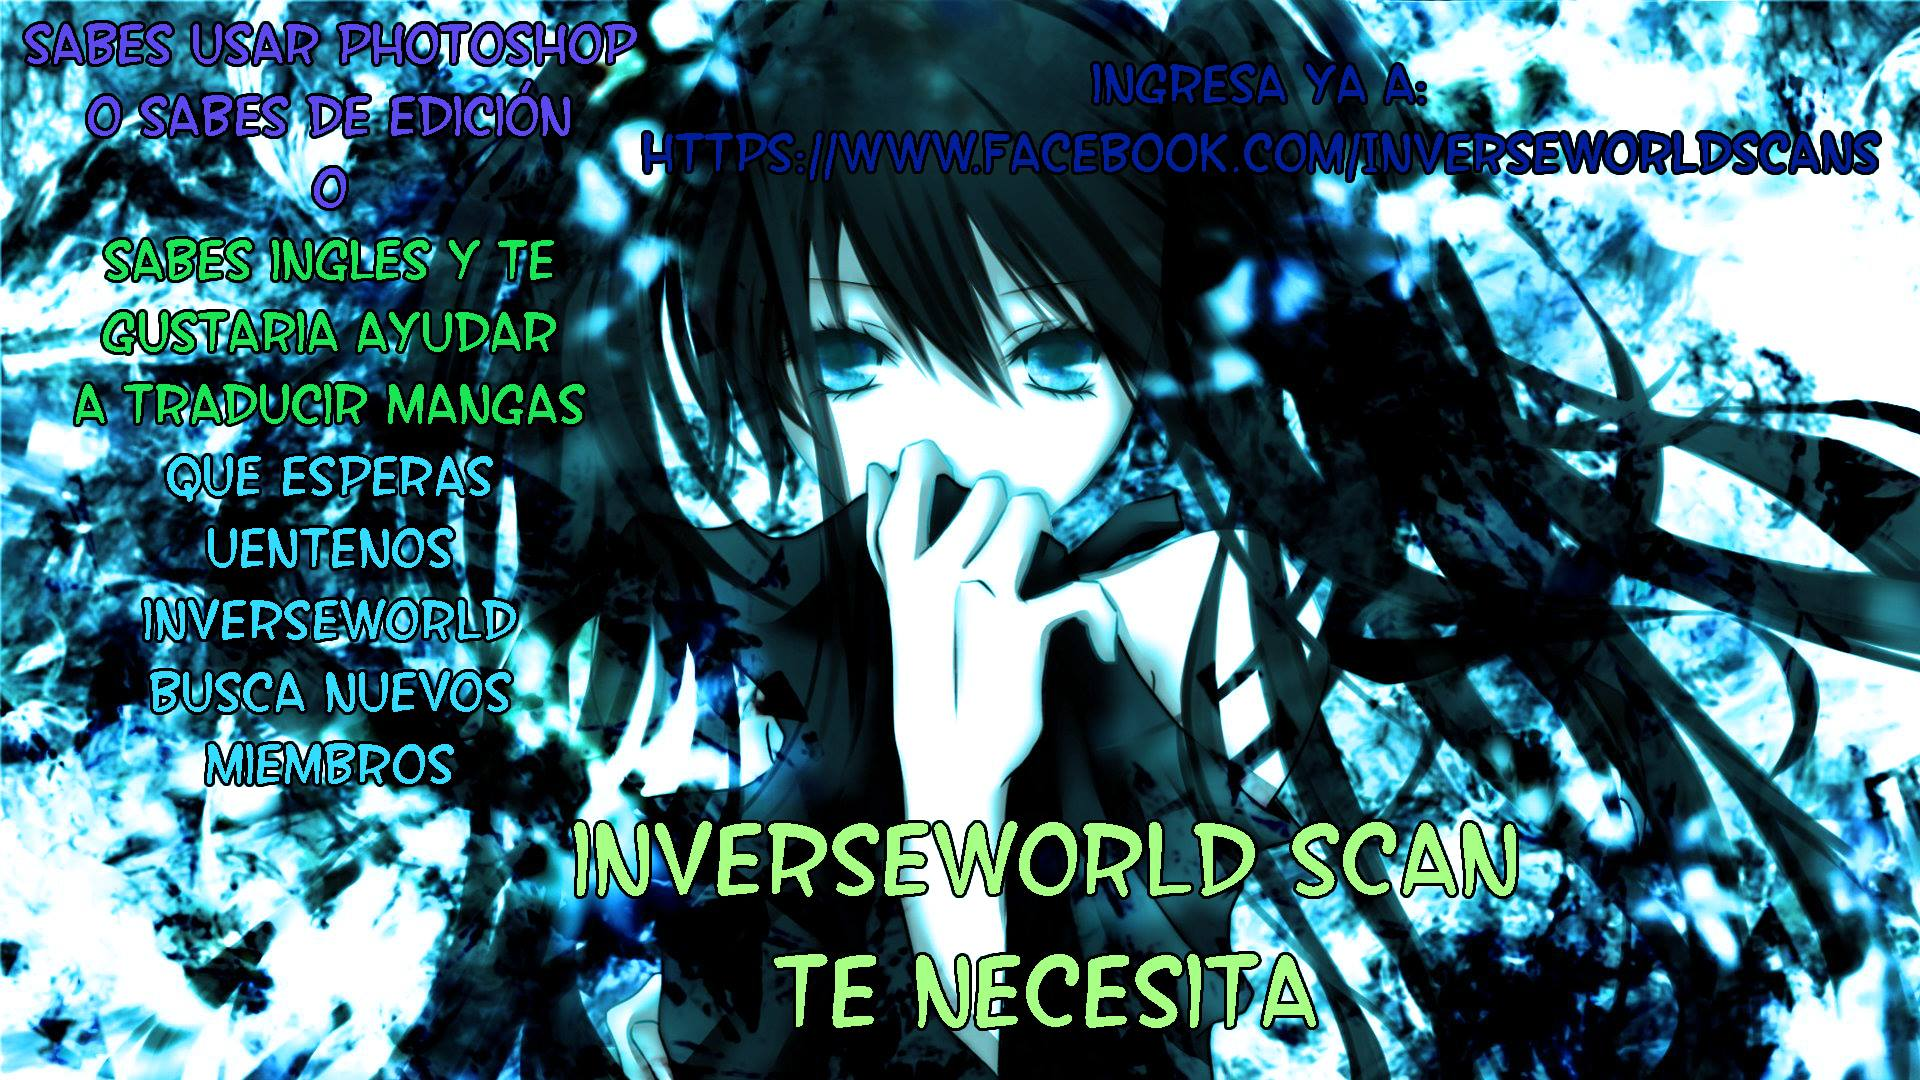 https://c5.mangatag.com/es_manga/18/16210/415304/ba61ab7dab67e0845c2e530ba9fd5c2c.jpg Page 2